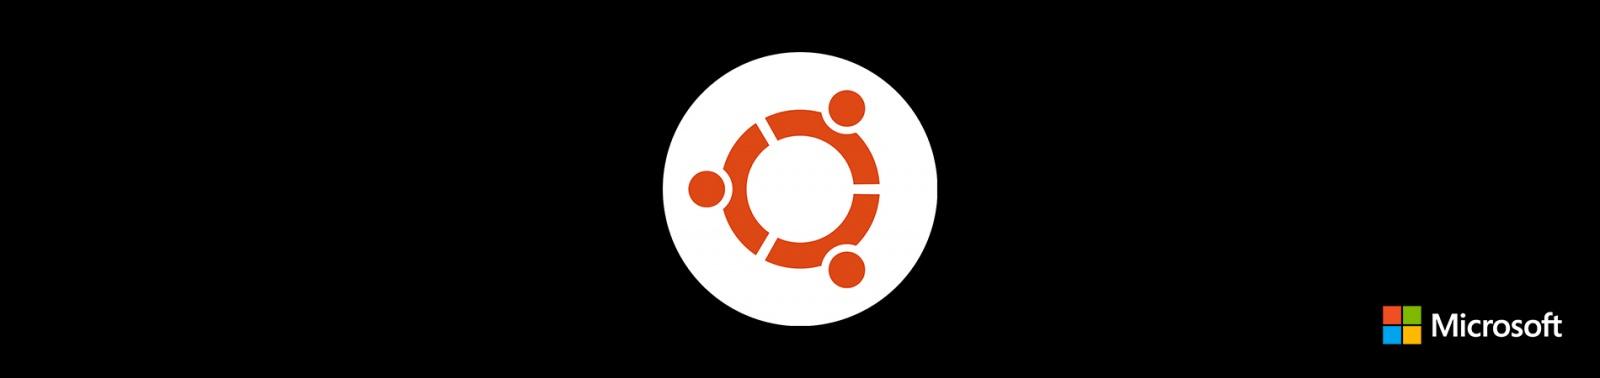 Запуск контейнеров с Ubuntu на Windows - 1